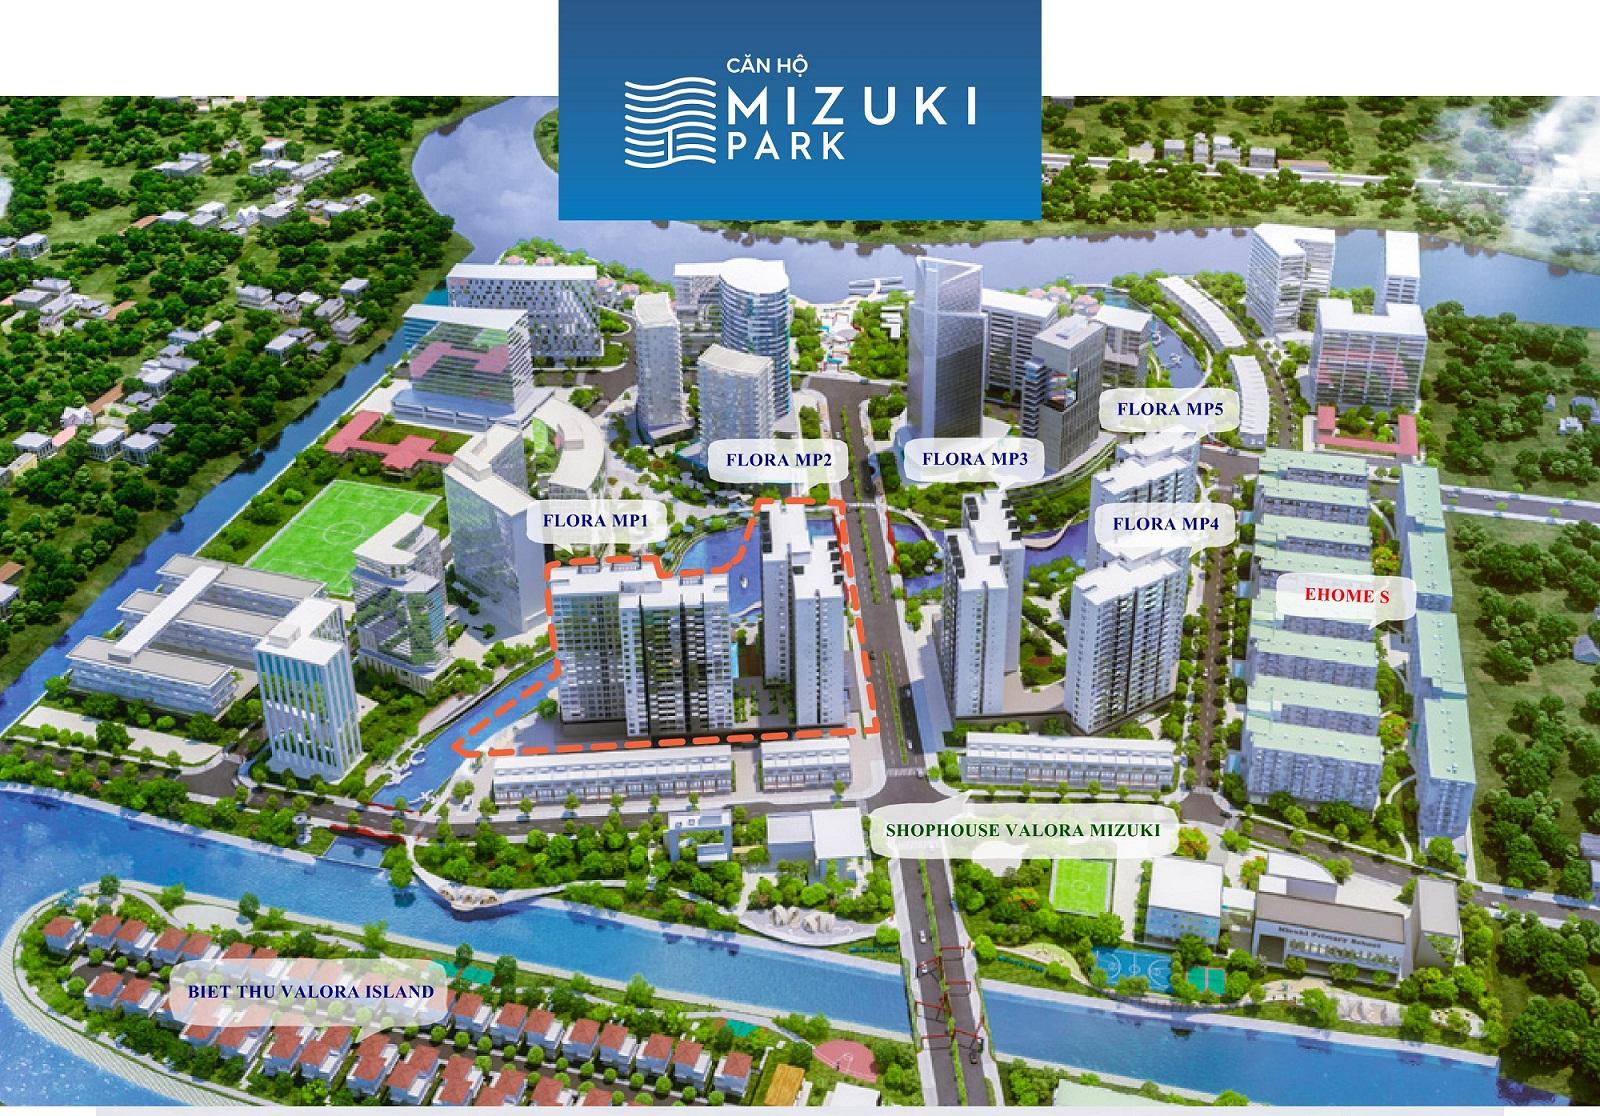 Khu đô thị Mizuki Park với qui mô 26 ha được bao bọc bởi 17.000m2 kênh đào nhân tạo. Ảnh Nam Long hcm